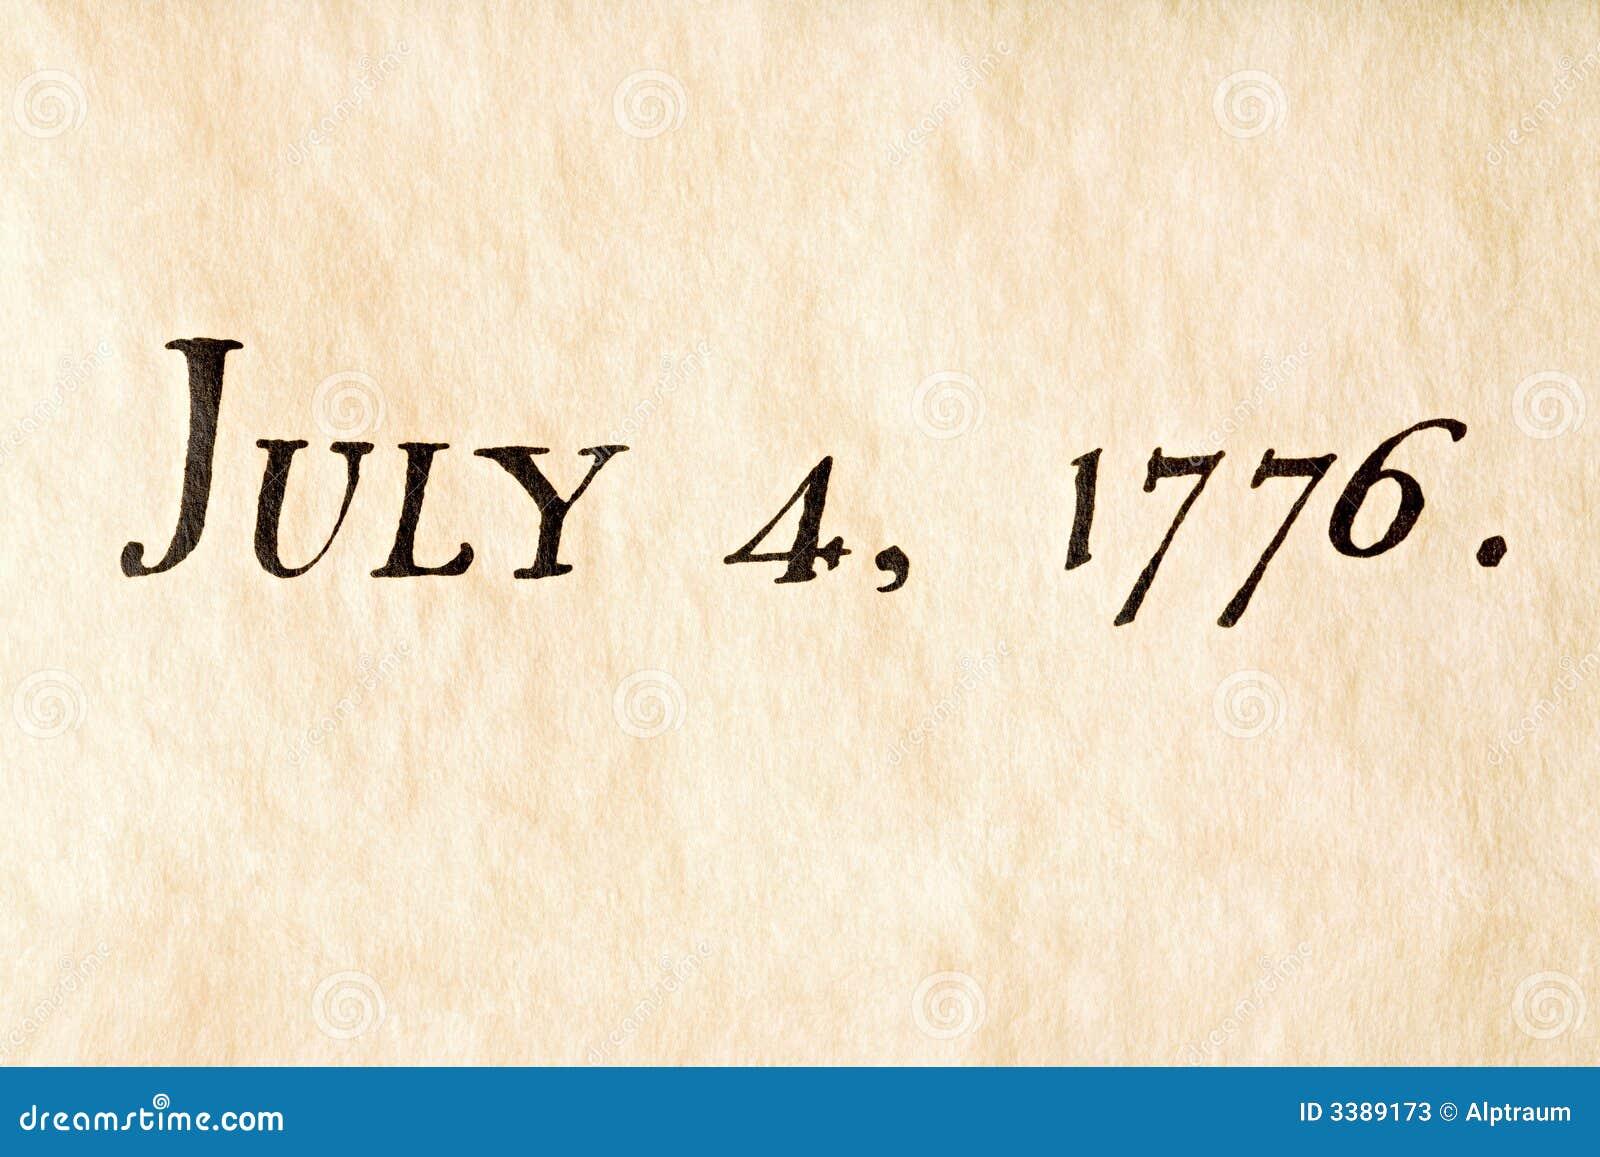 1776 Lipów czwarty.